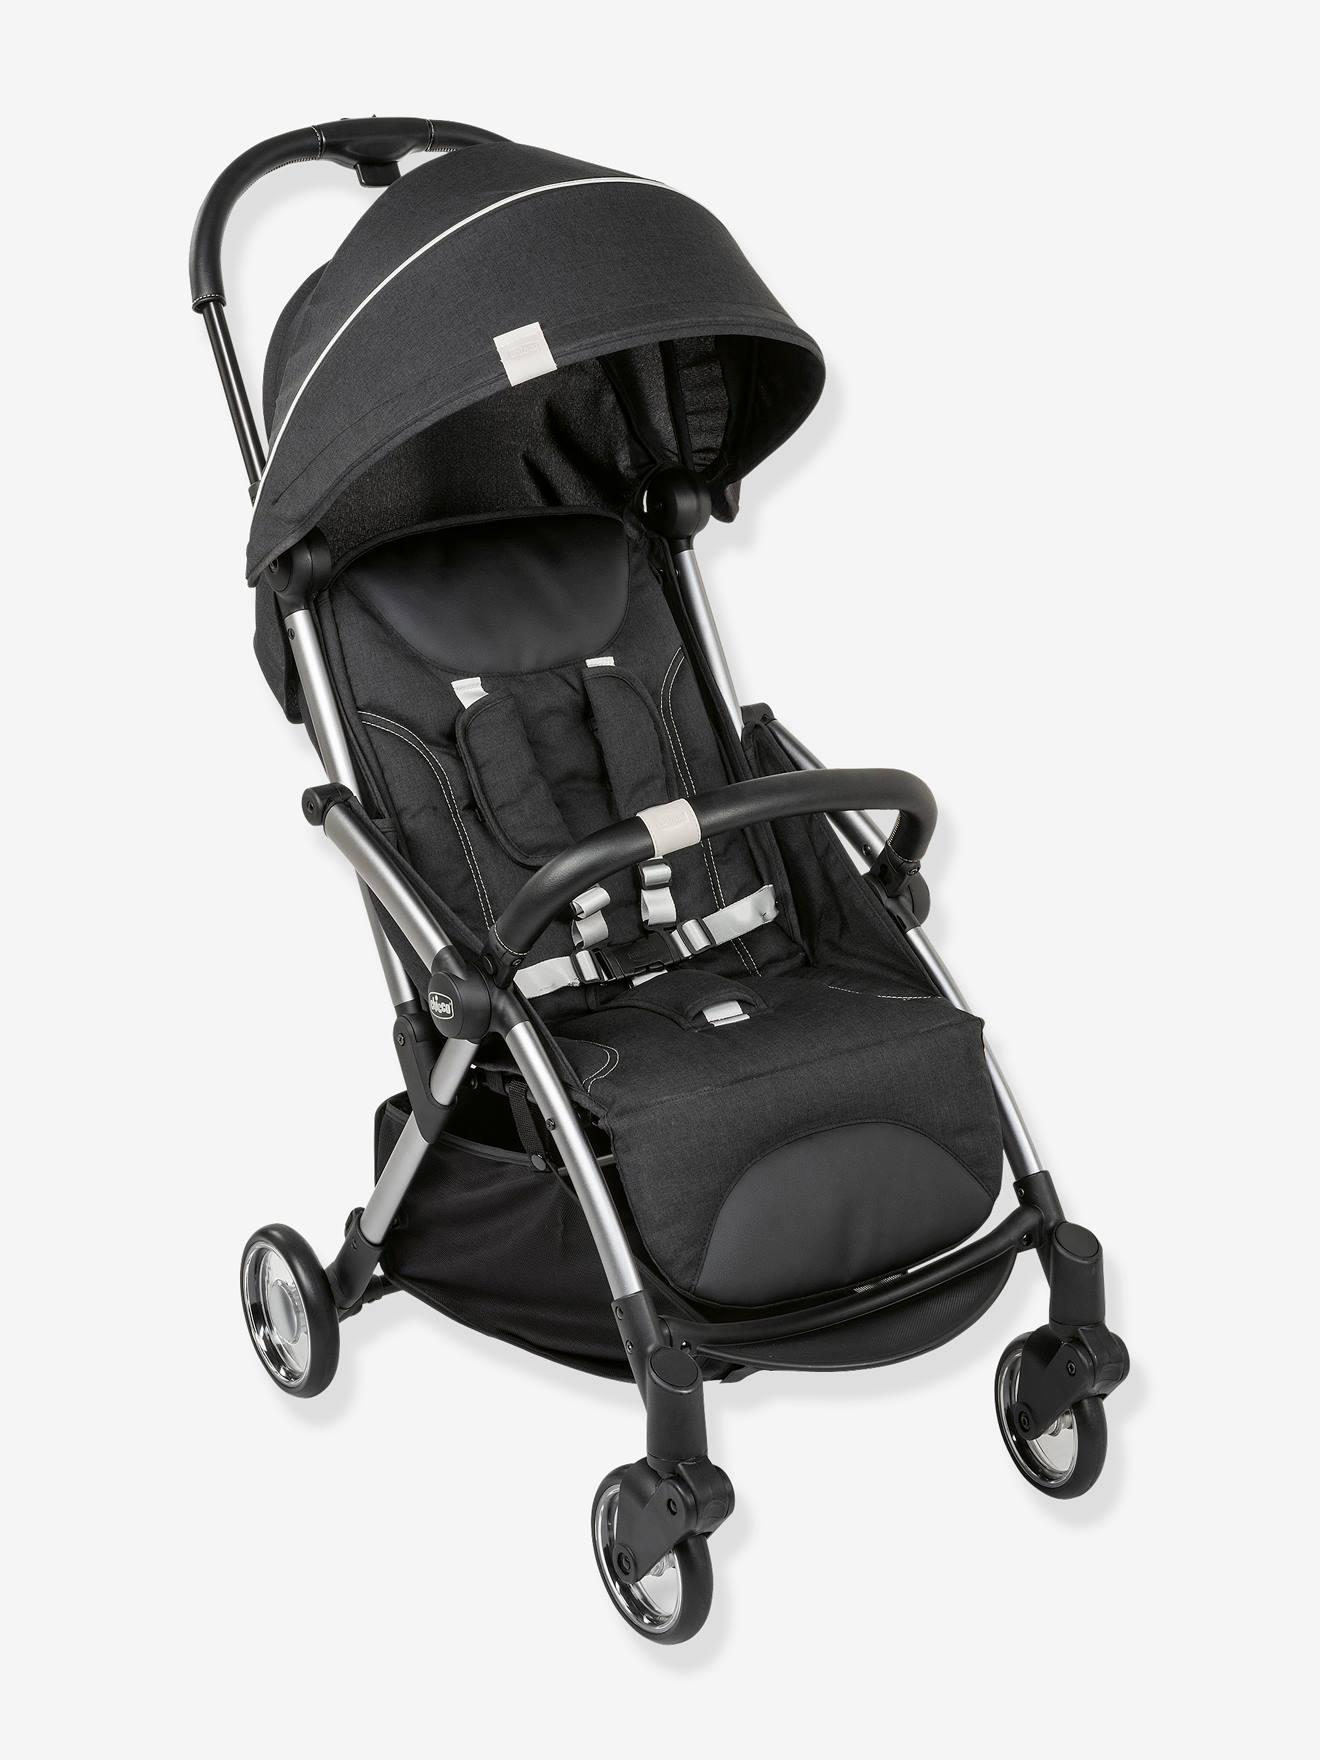 Carrinho de bebé Goody CHICCO cinzento escuro liso